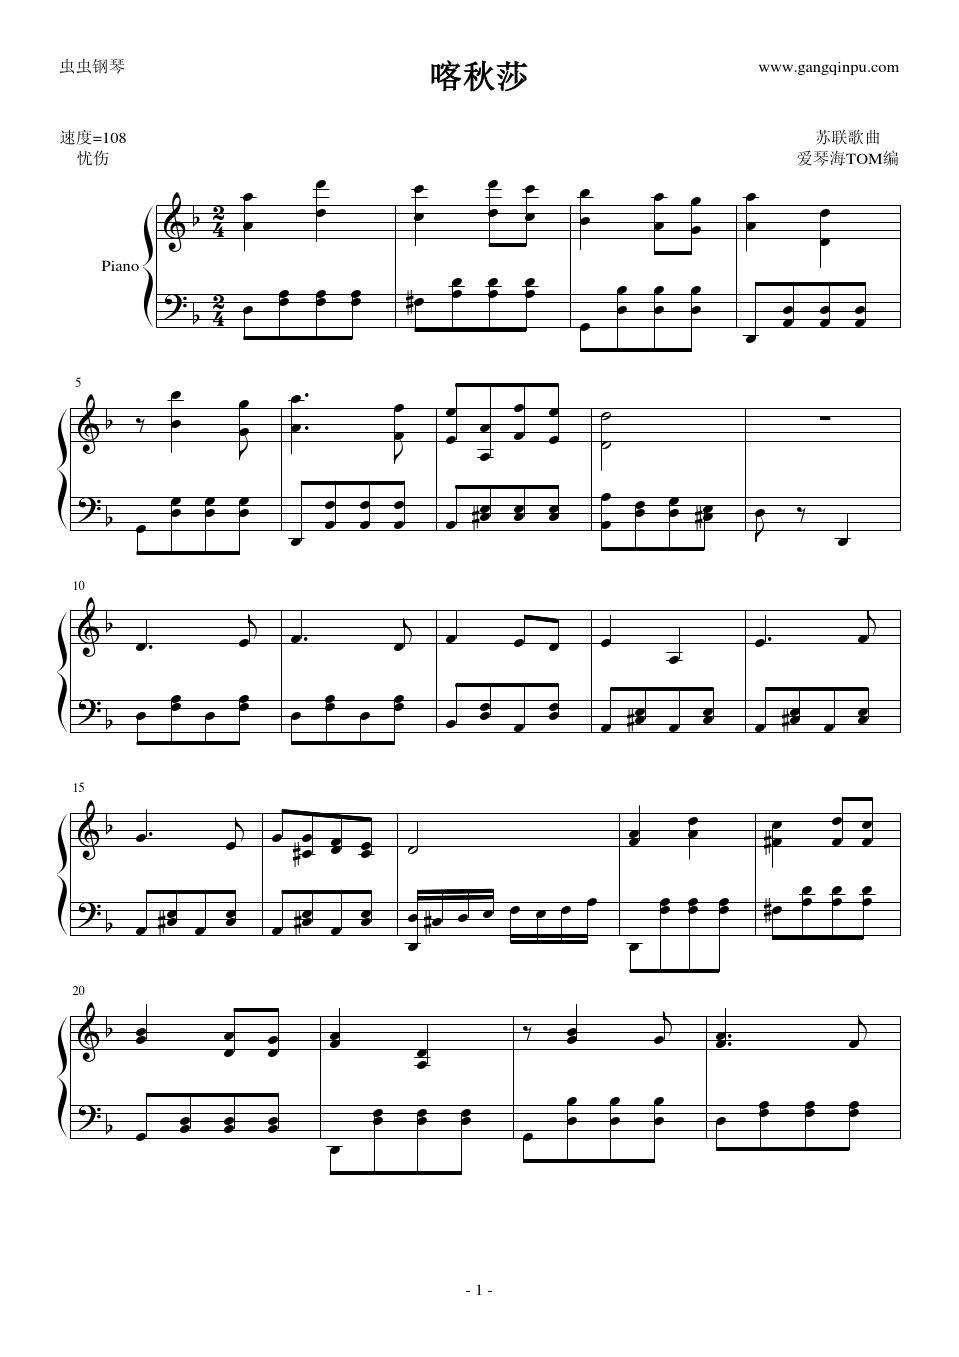 喀秋莎 钢琴 曲谱图片